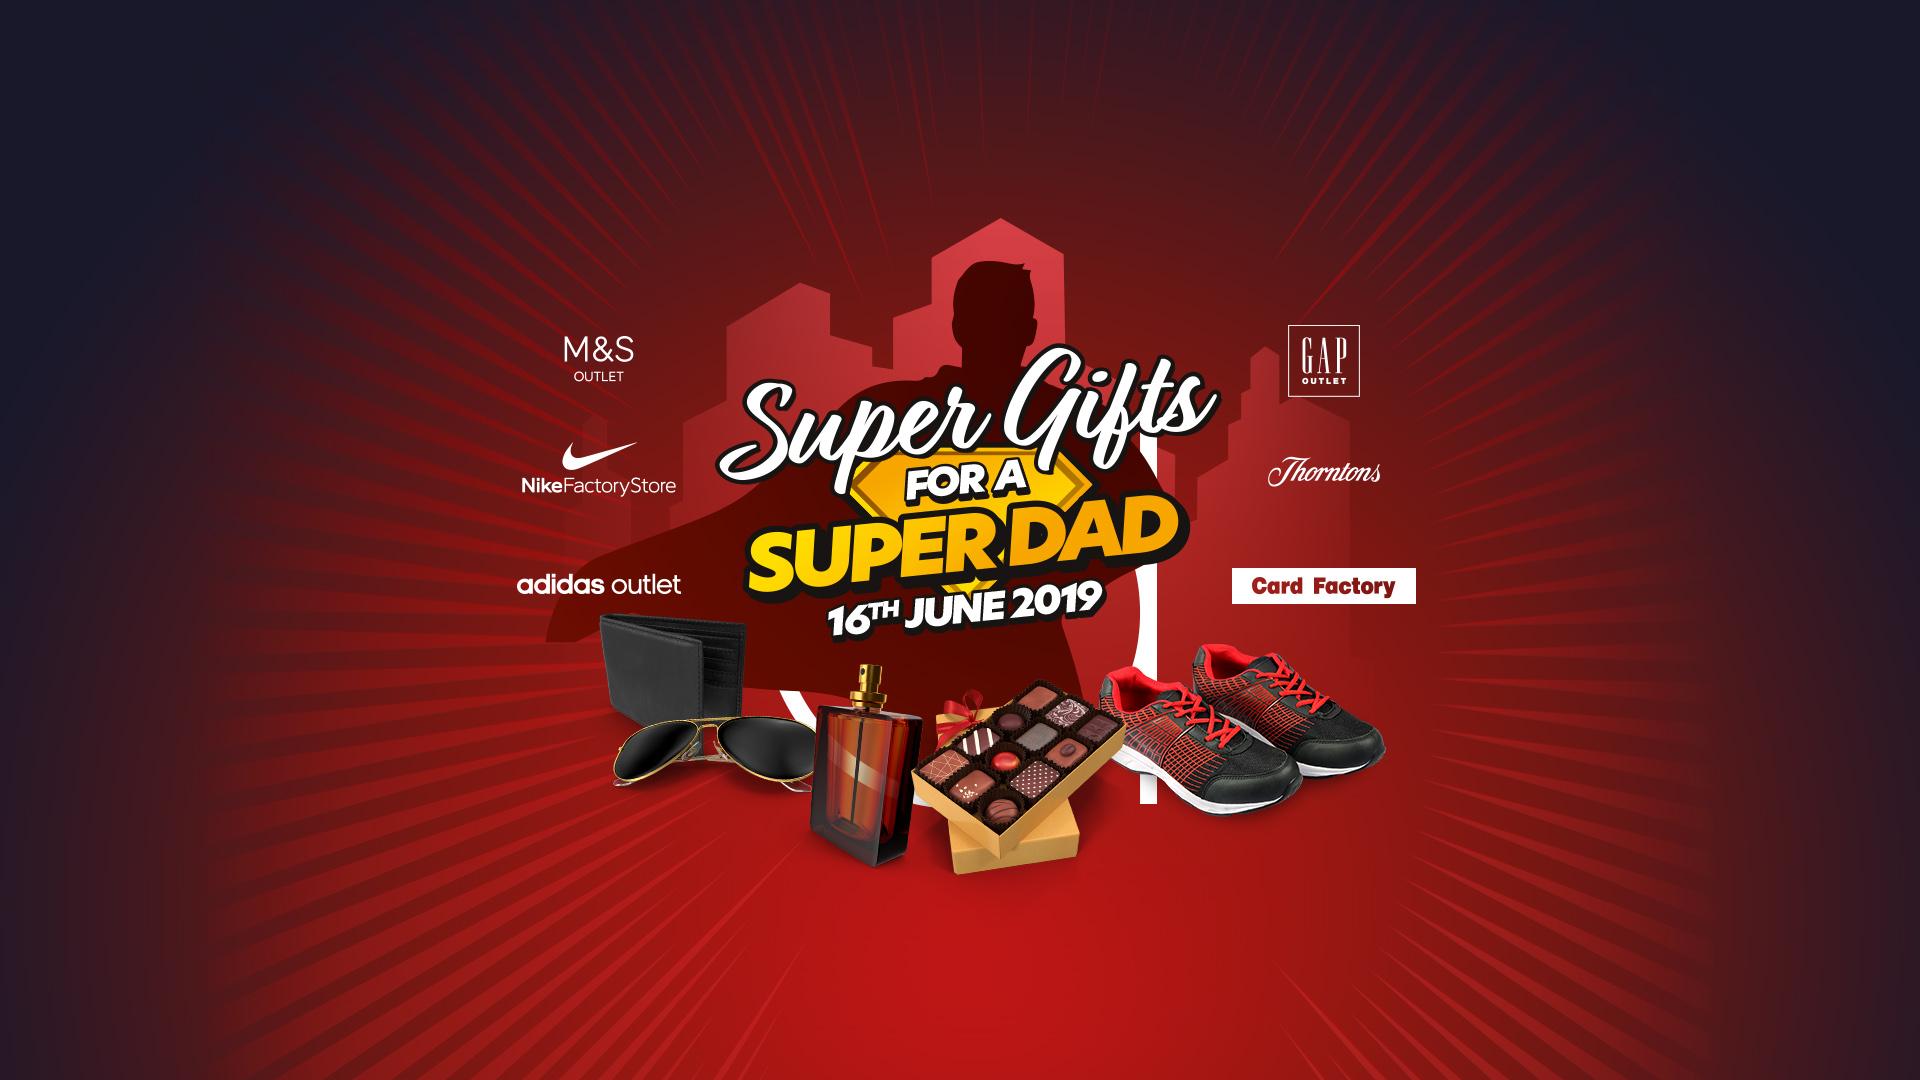 2019-06-05 Super Gifts for Super Dad - Affinity Sterling Mills - Web Banner.jpg